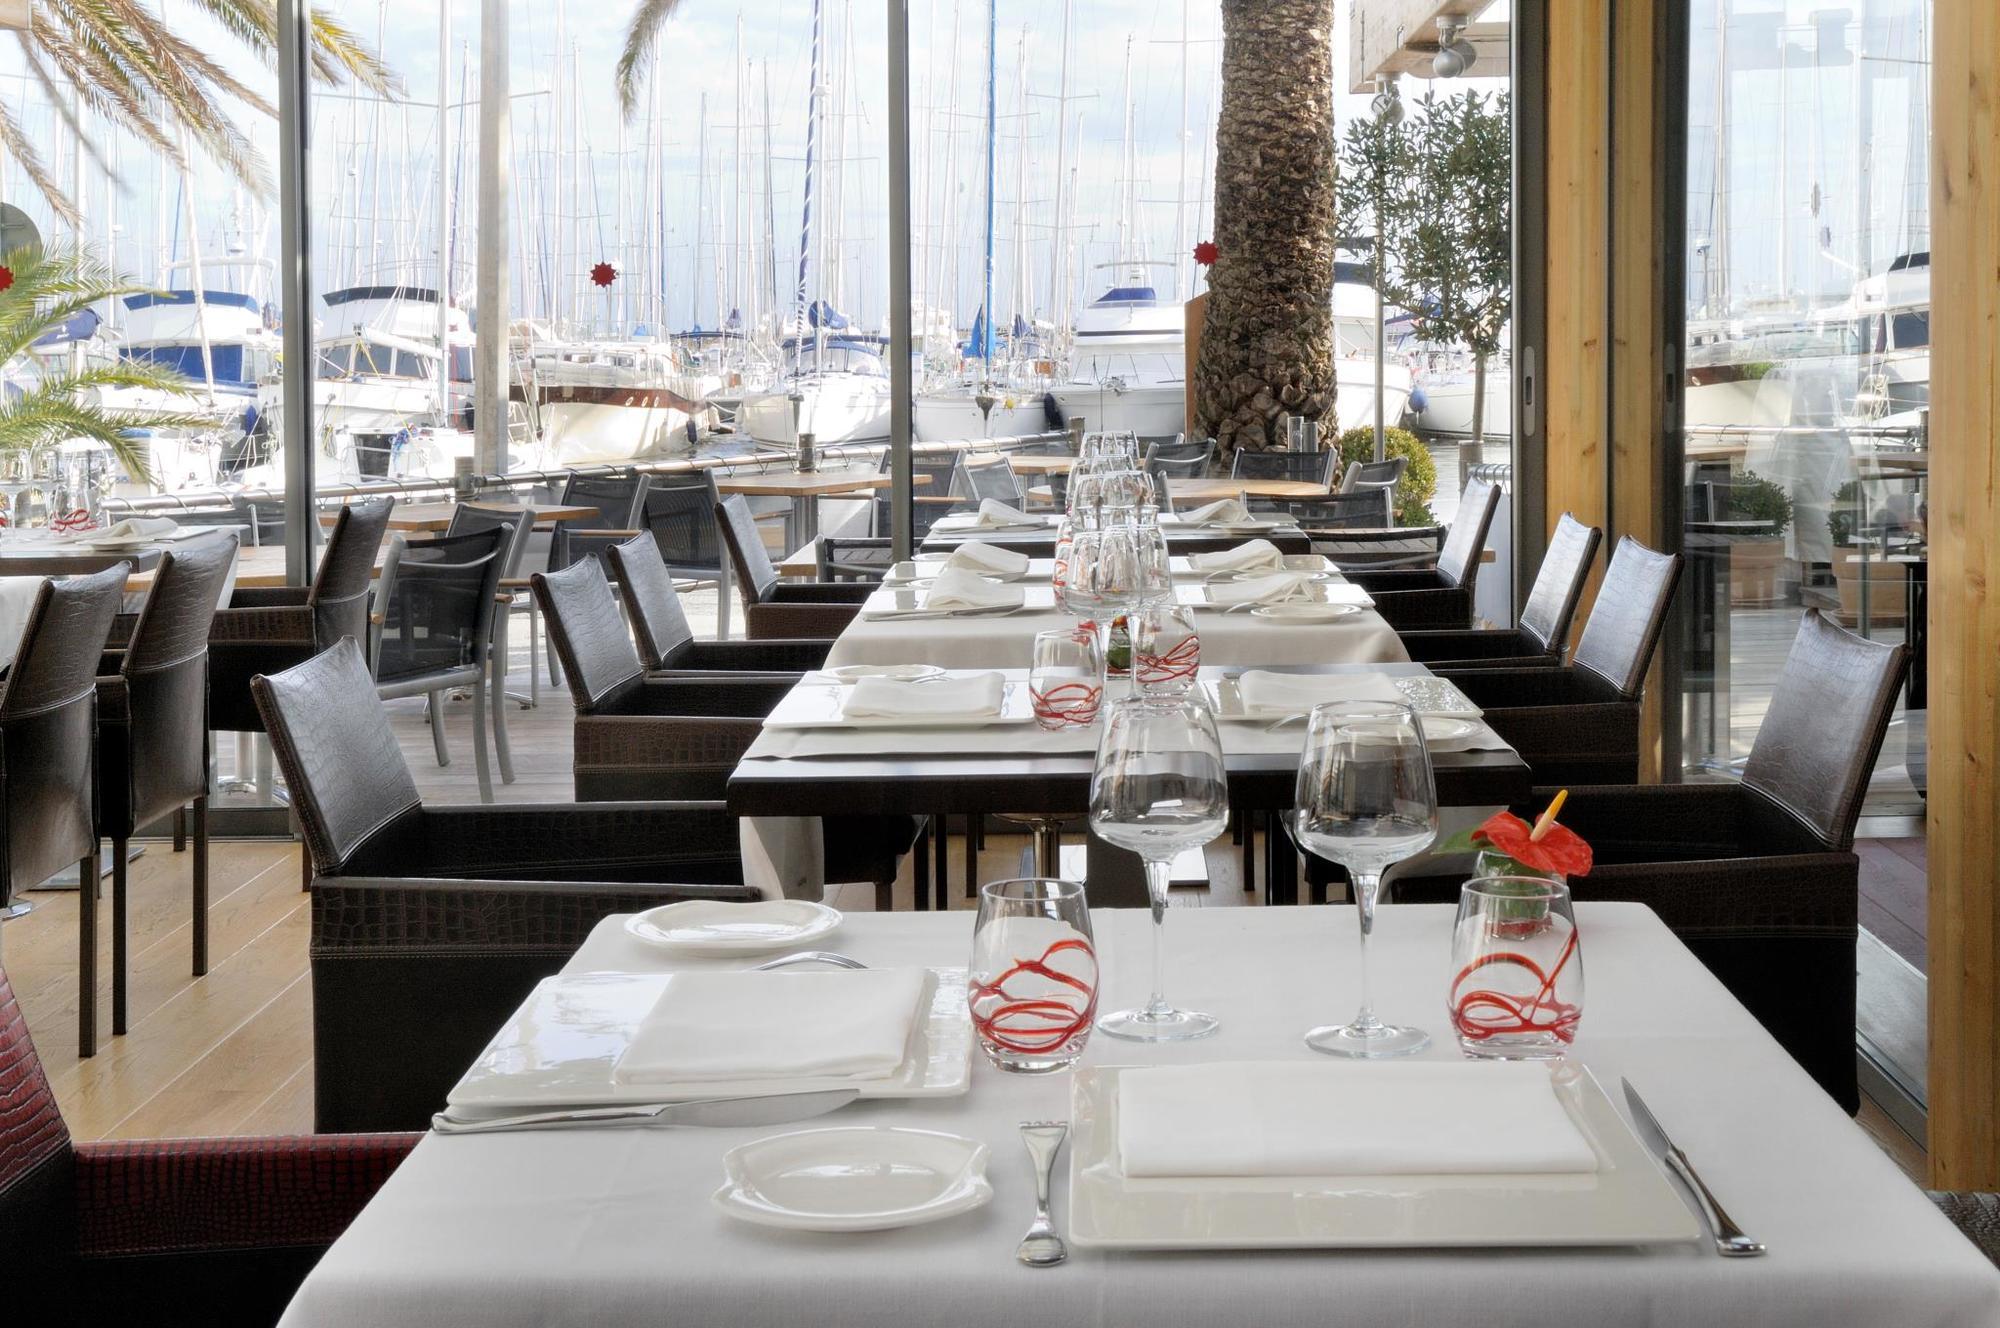 La brasserie des iles hy res restaurant hy res tourisme - Restaurant carqueiranne port ...